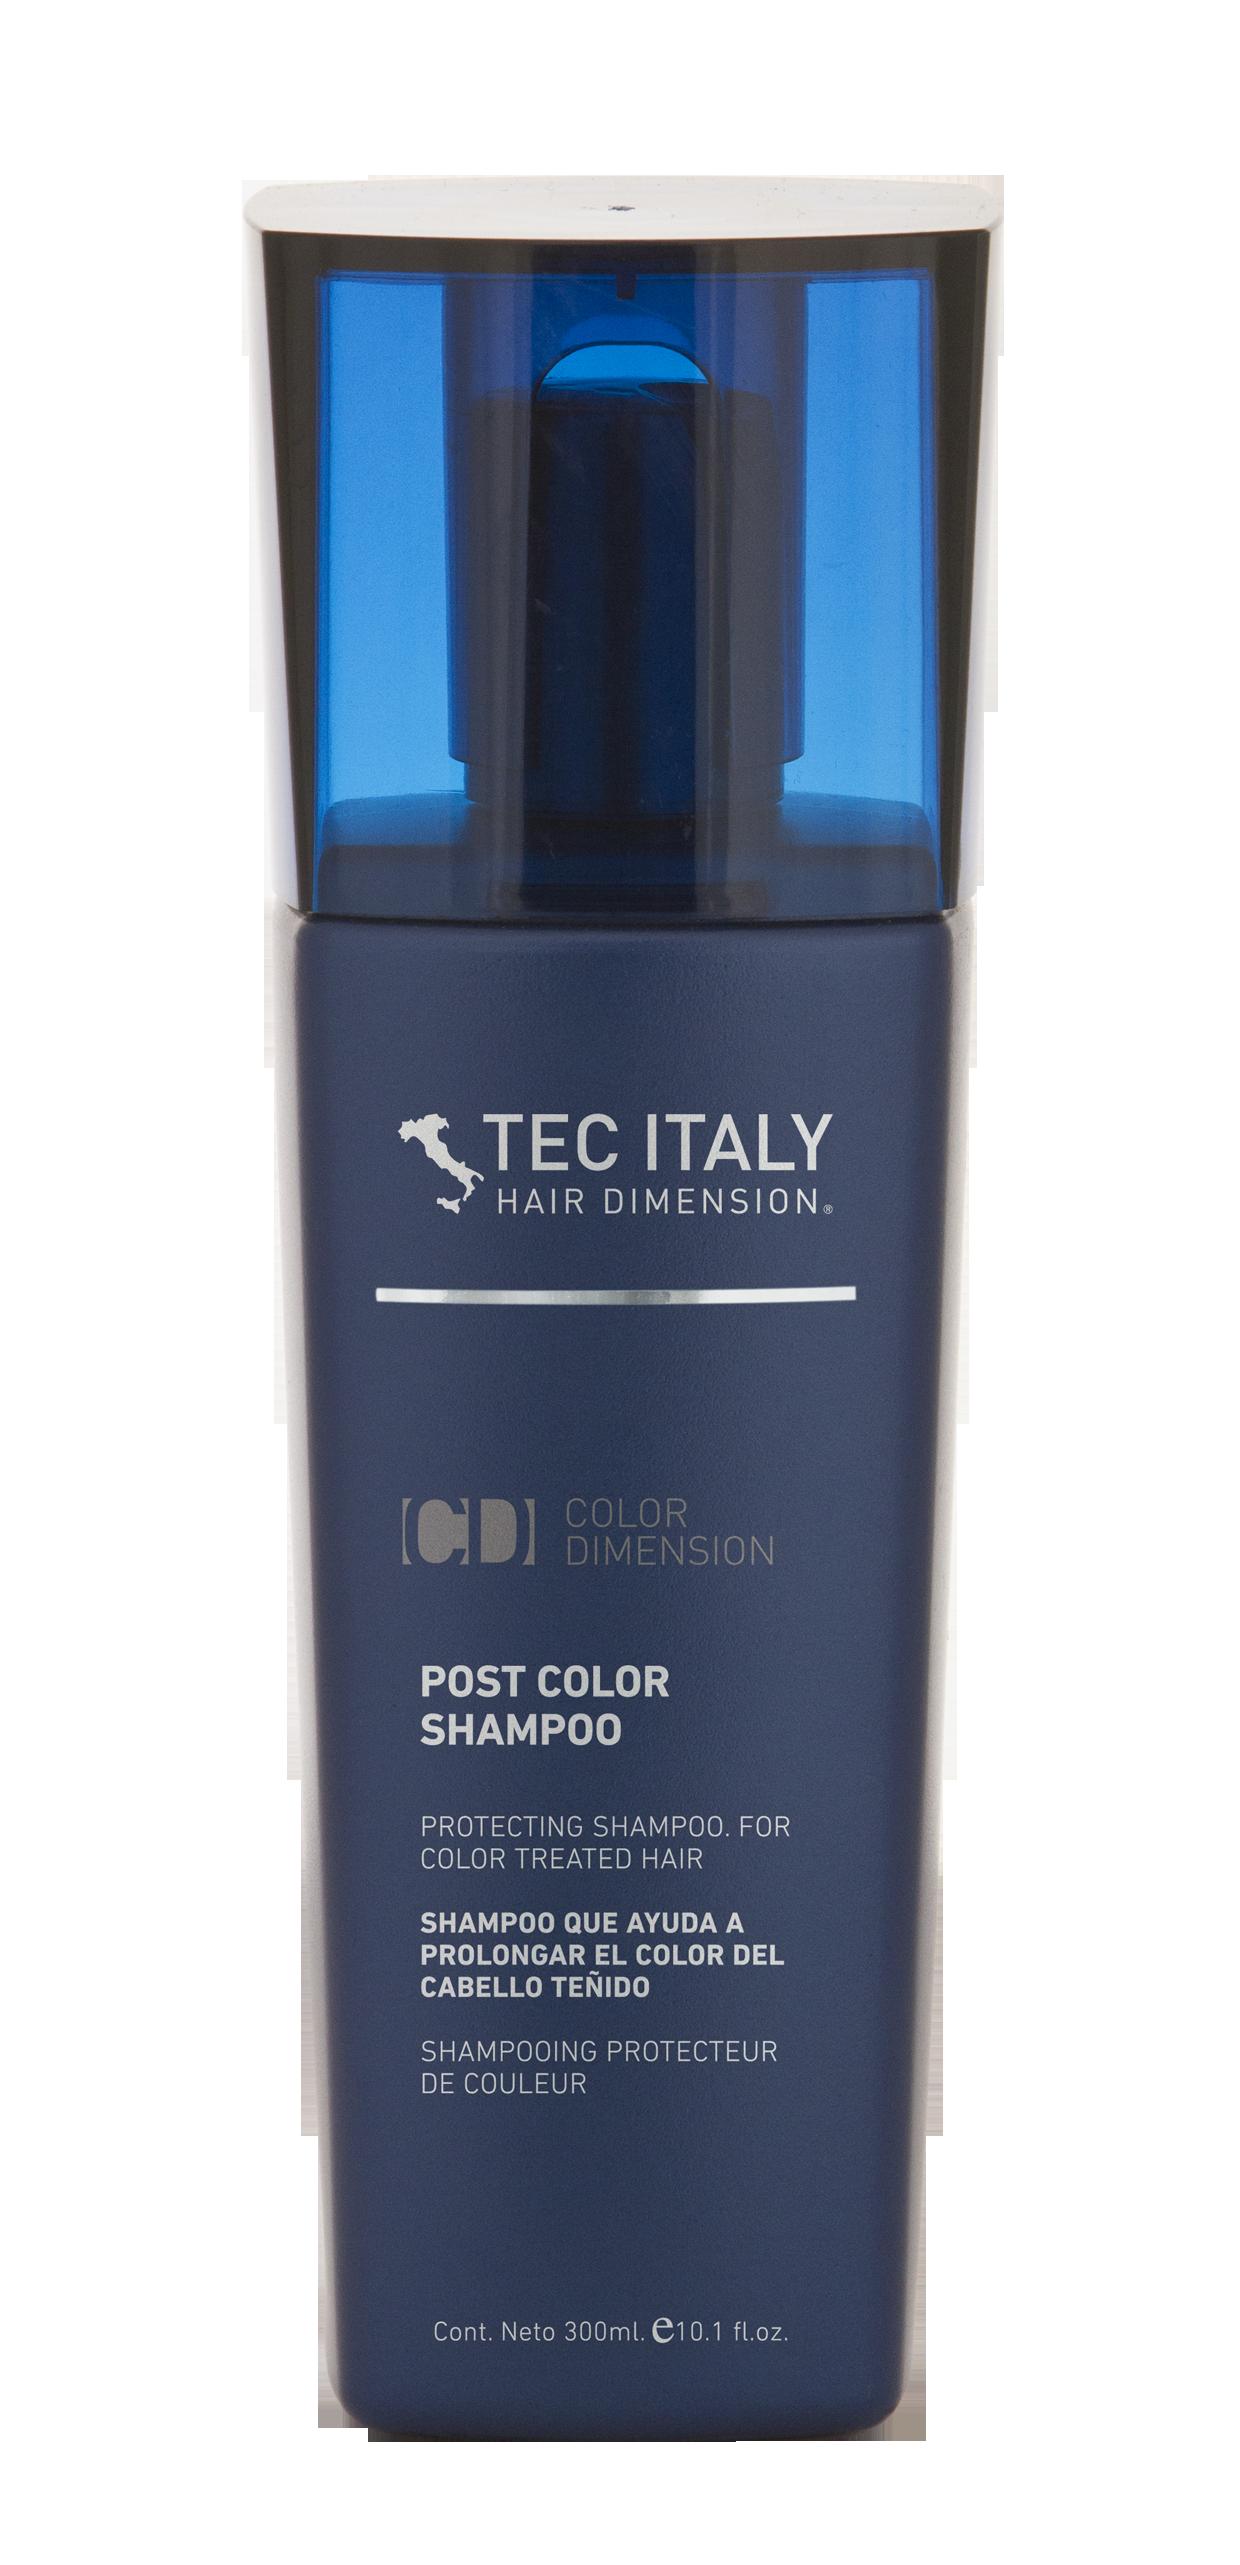 SHAMPOO POST COLOR Especial para cabello teñido. Después de un tinte o un  proceso químico ayuda a cerrar la cutícula 2ba898862da8